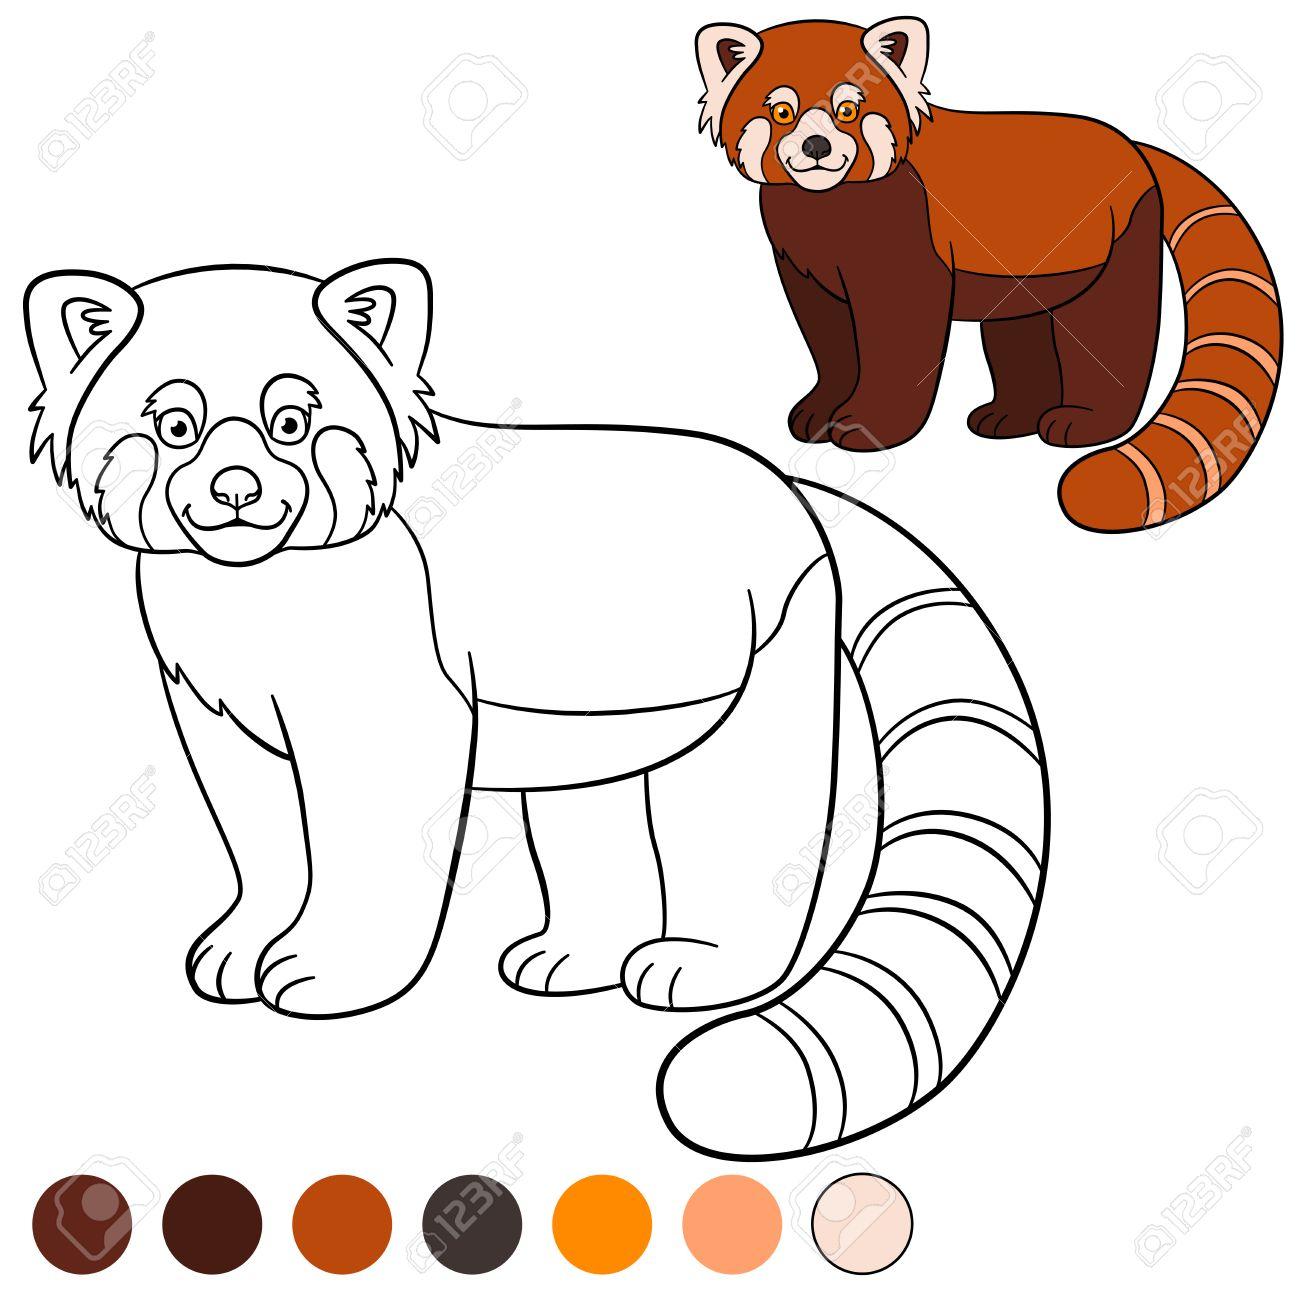 Dibujo Para Colorear: Panda Rojo. Pequeños Lindo Se Encuentra Panda ...